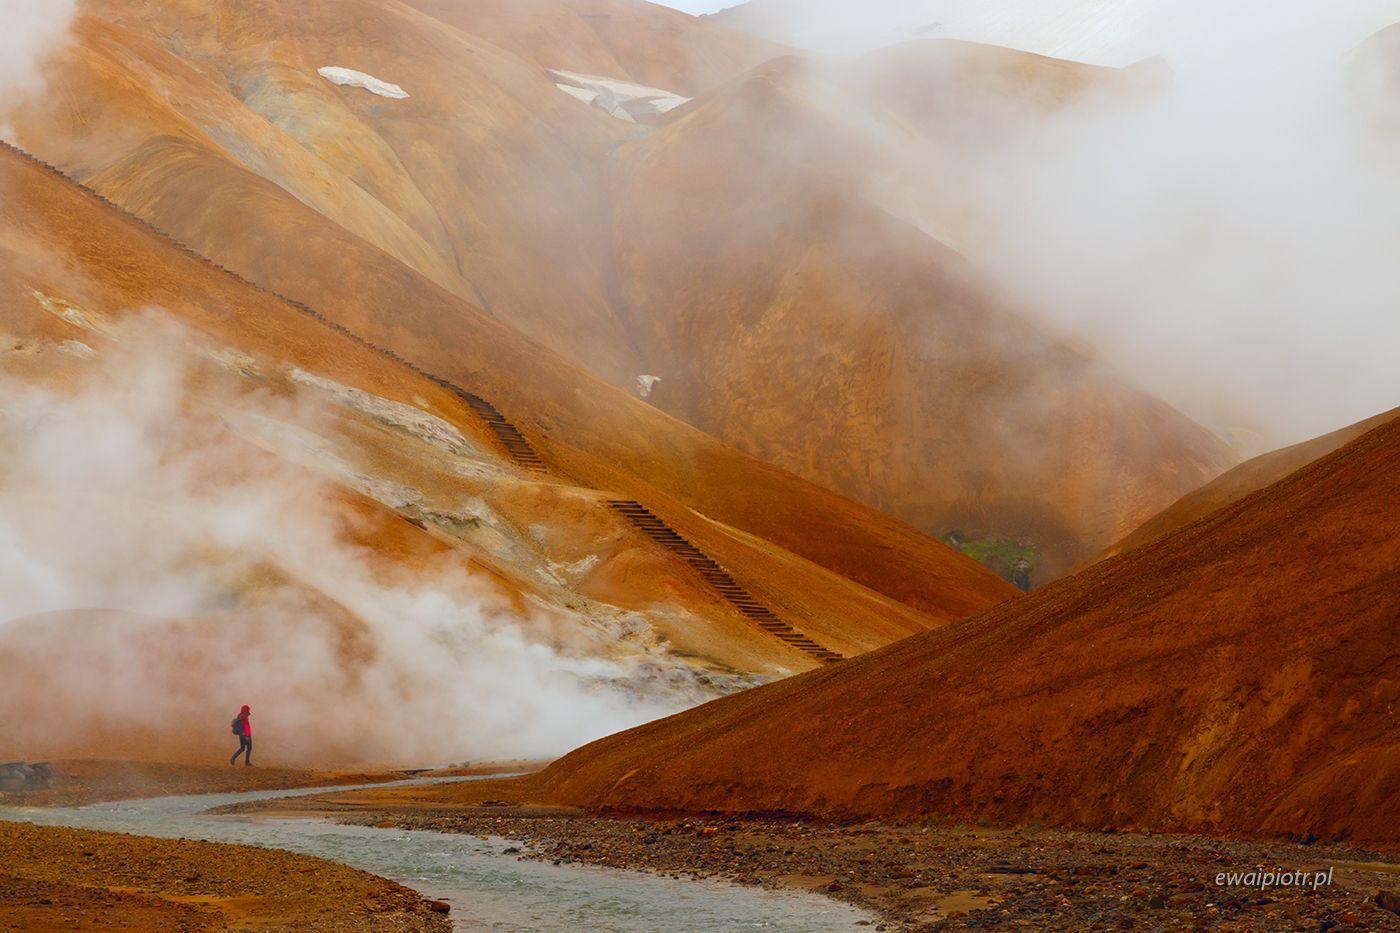 Pomarańczowe wzgórza Kerlingarfjoll, Islandia